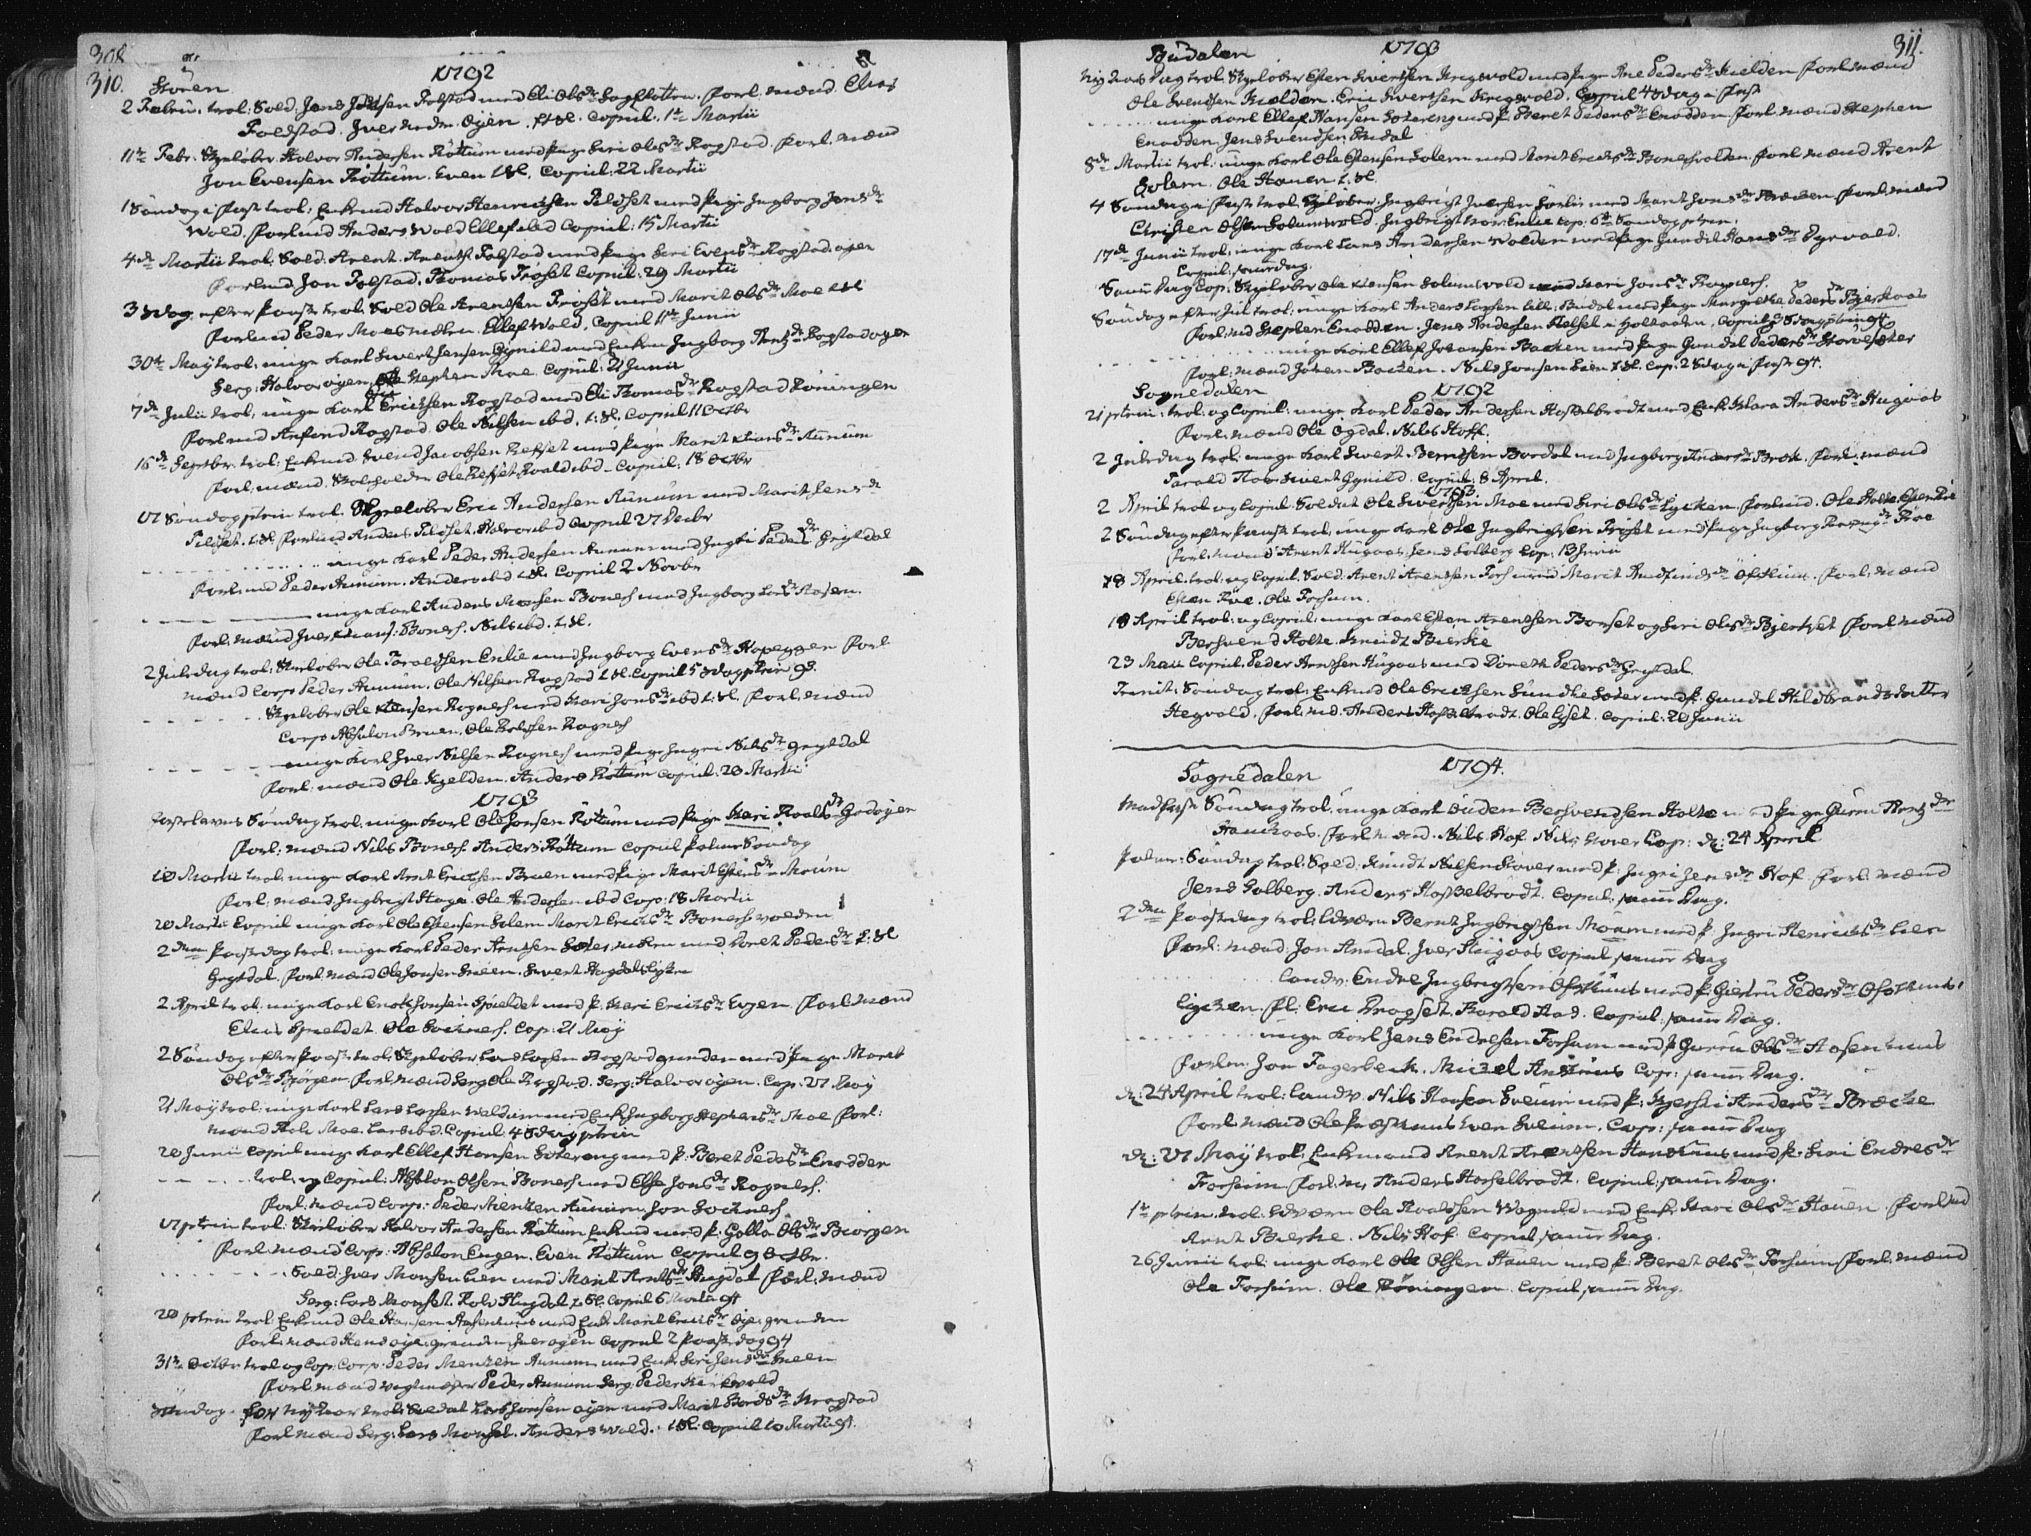 SAT, Ministerialprotokoller, klokkerbøker og fødselsregistre - Sør-Trøndelag, 687/L0992: Ministerialbok nr. 687A03 /1, 1788-1815, s. 310-311